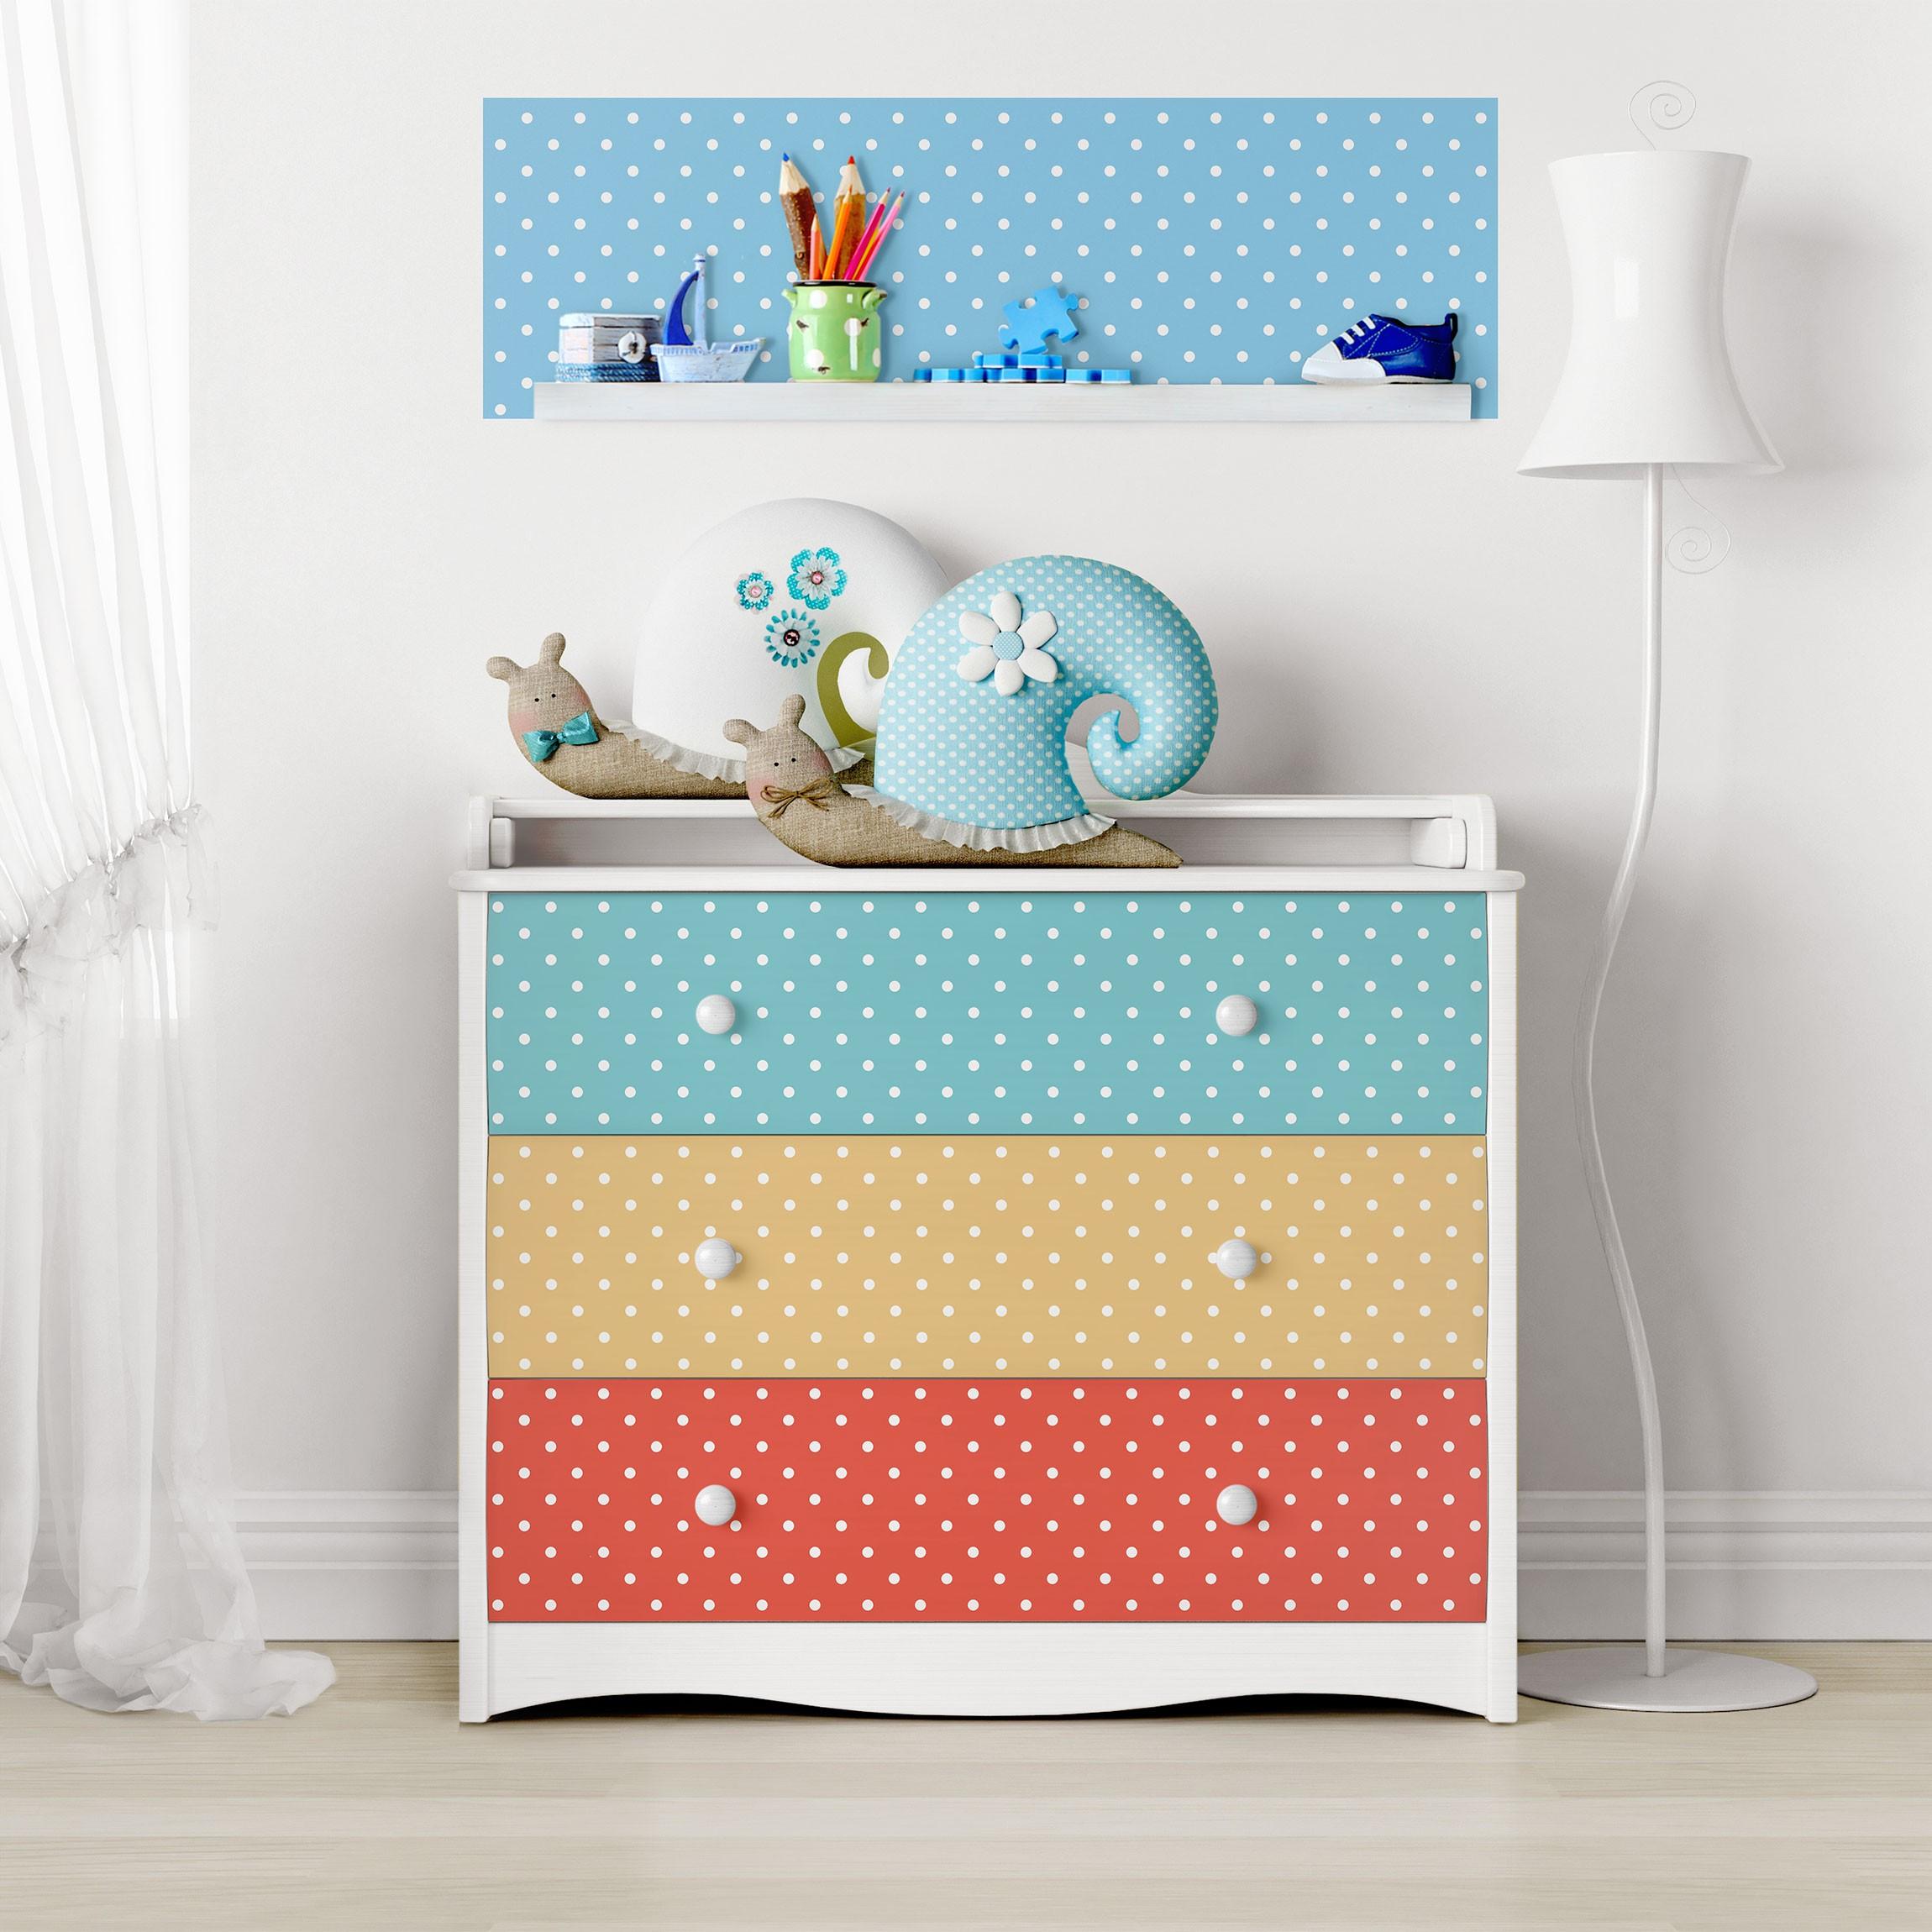 Mobelfolie Punkte Set Kinderzimmer Weiss Gepunktete Pastell Farben